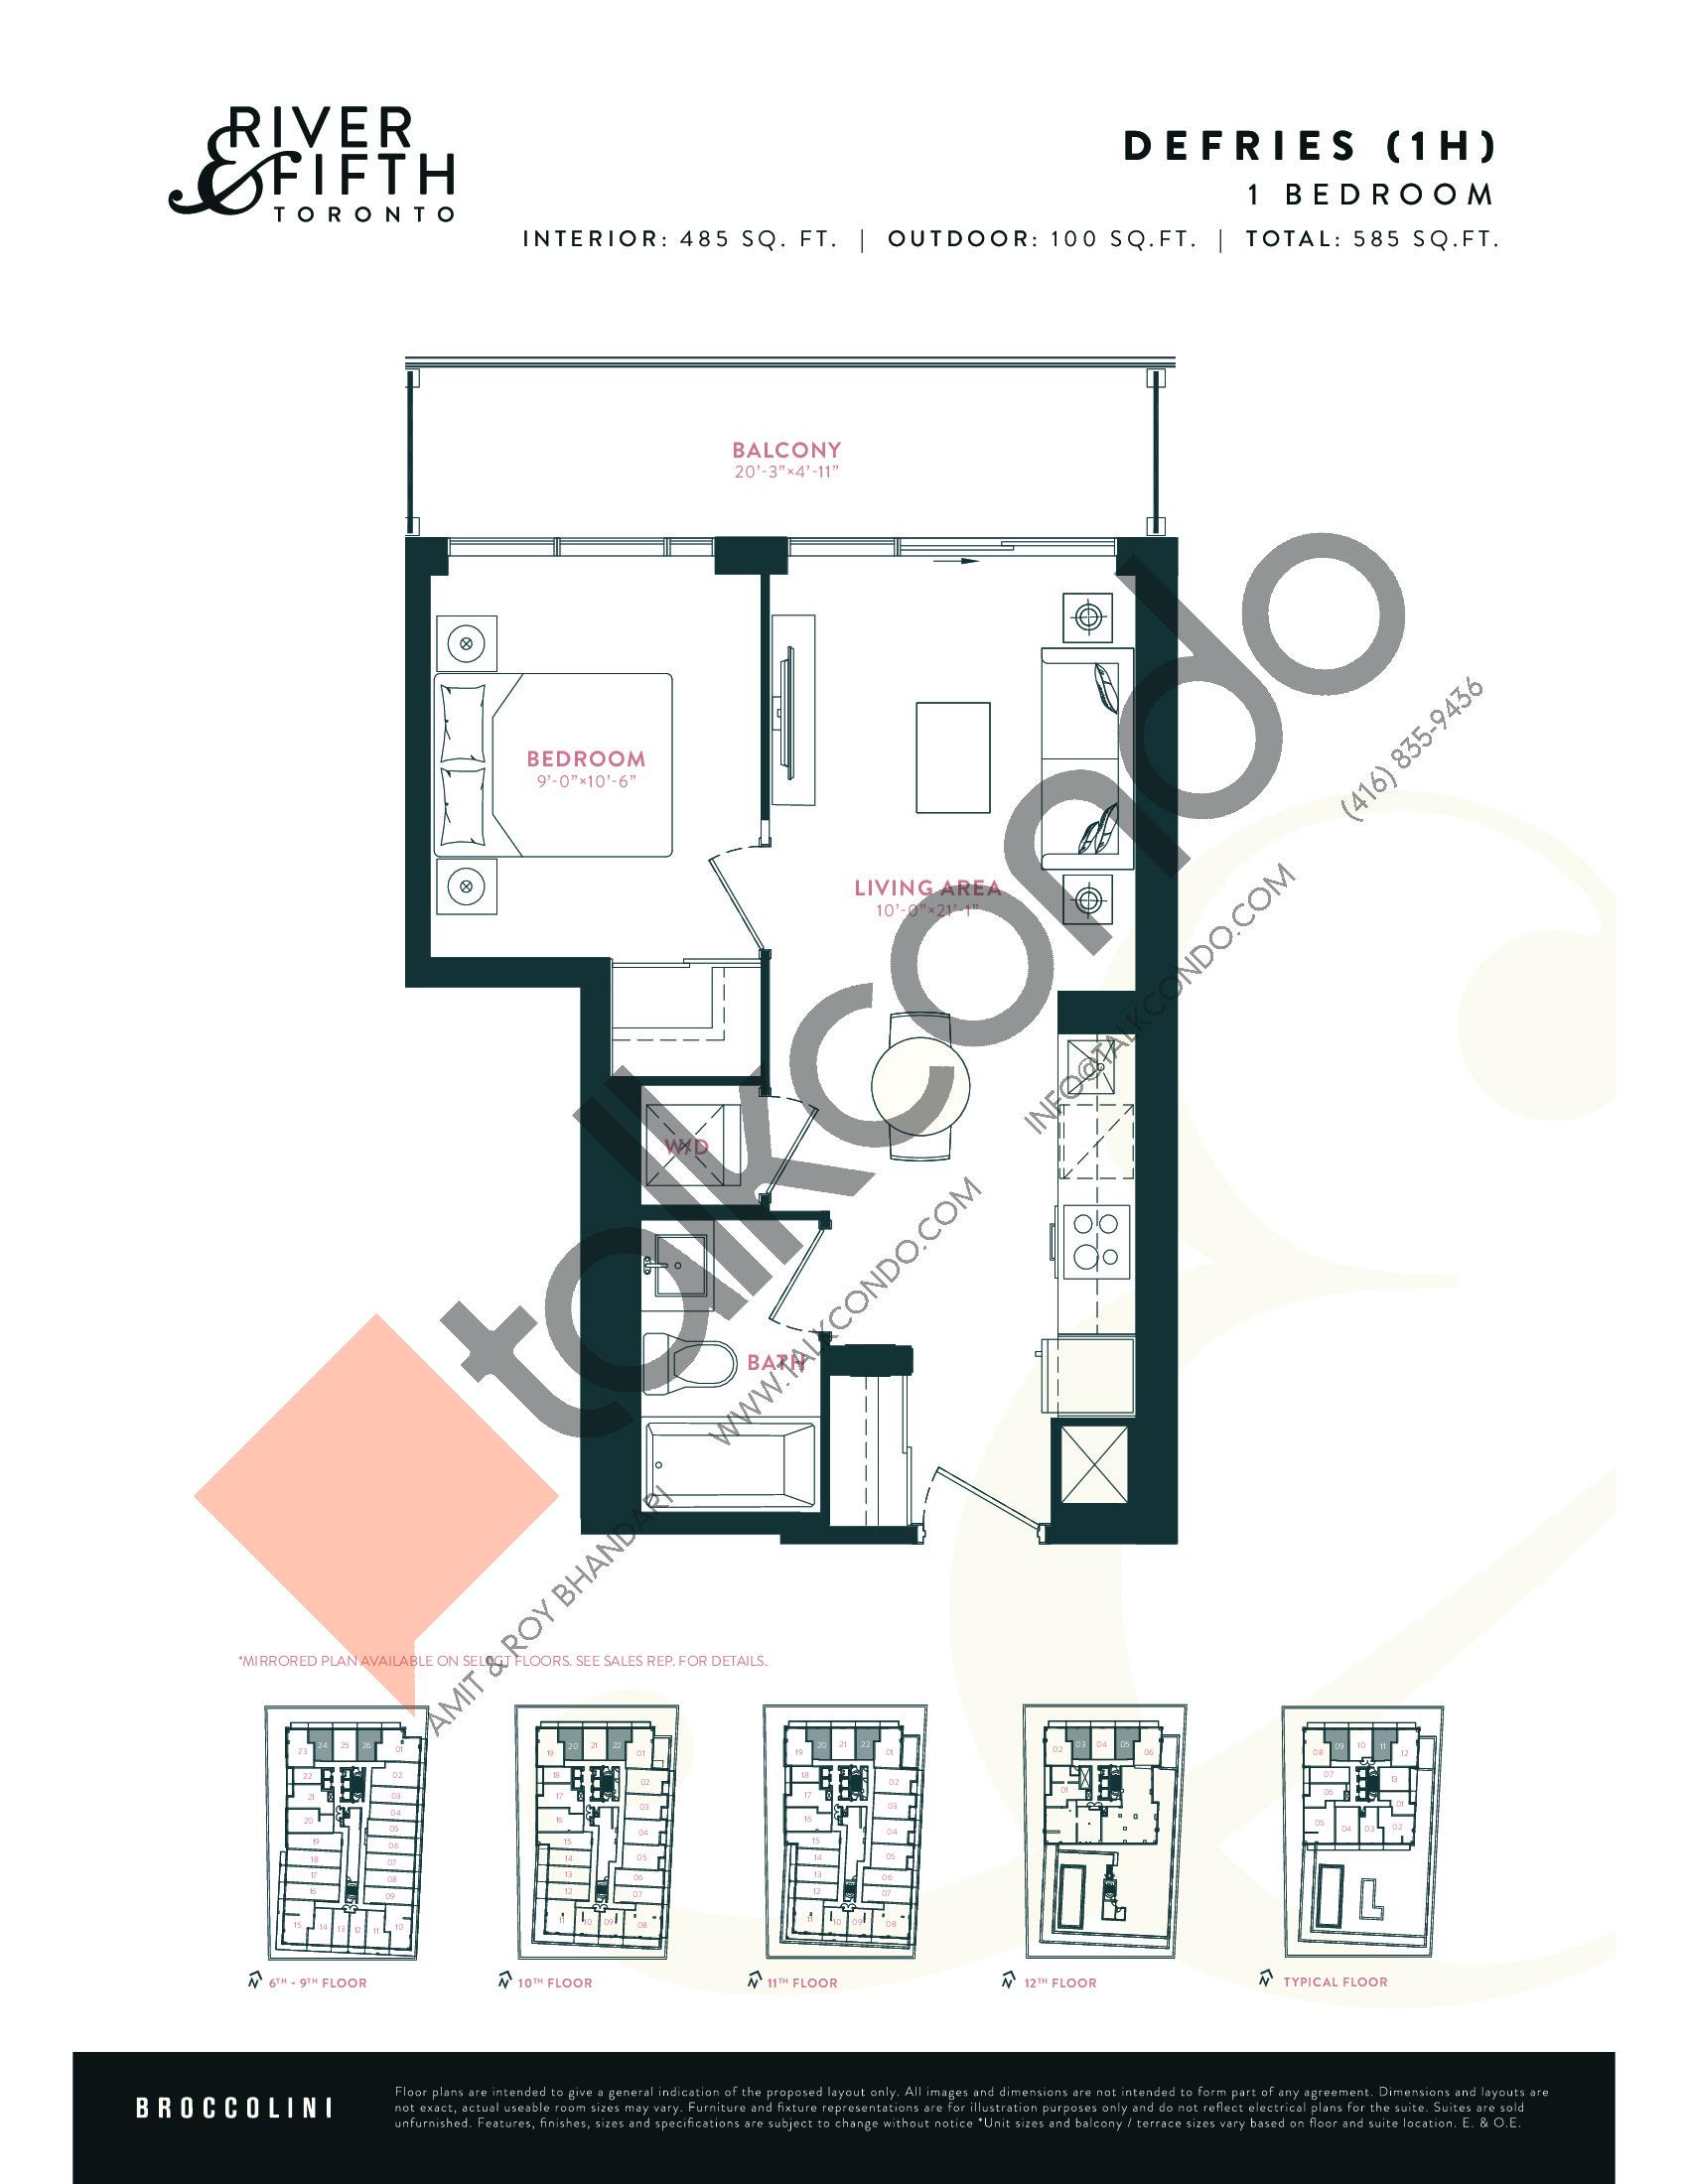 Defries (1H) Floor Plan at River & Fifth Condos - 485 sq.ft